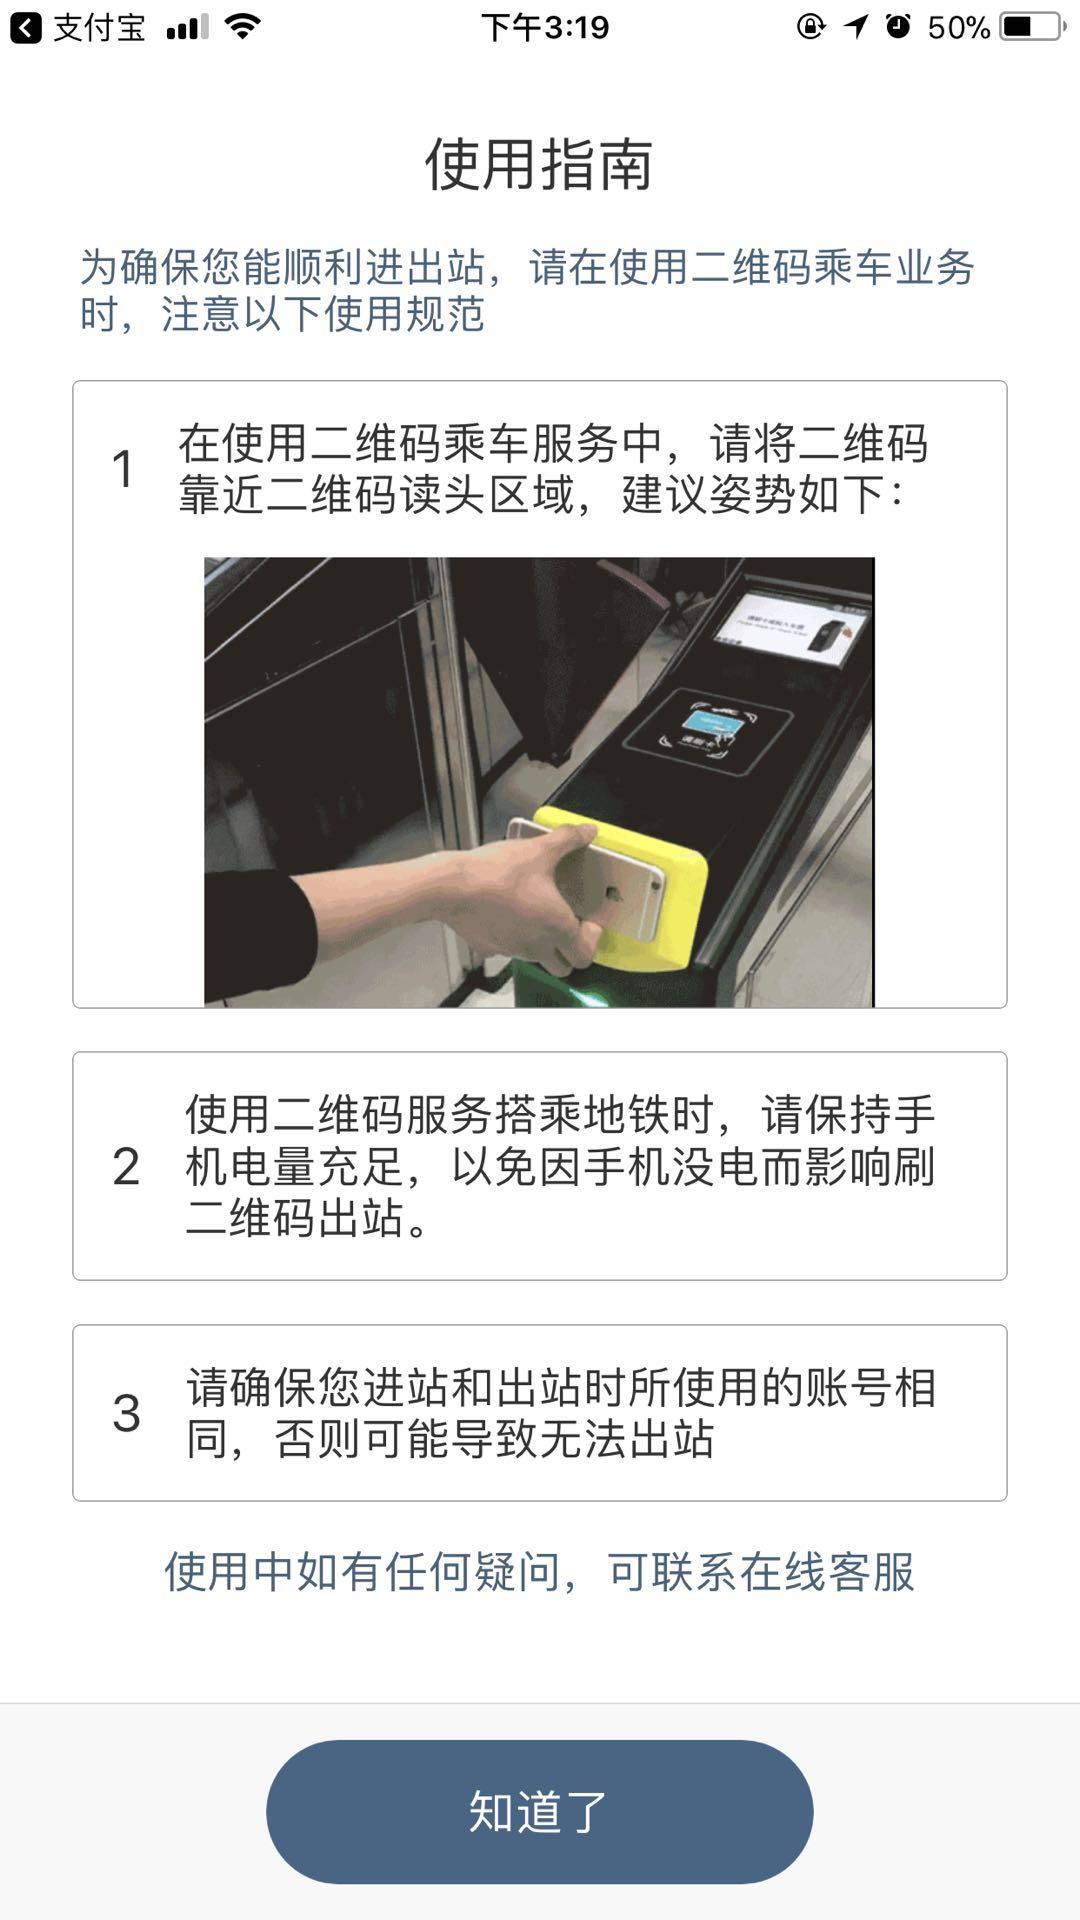 无须NFC 北京地铁即将开启手机扫码乘车时代